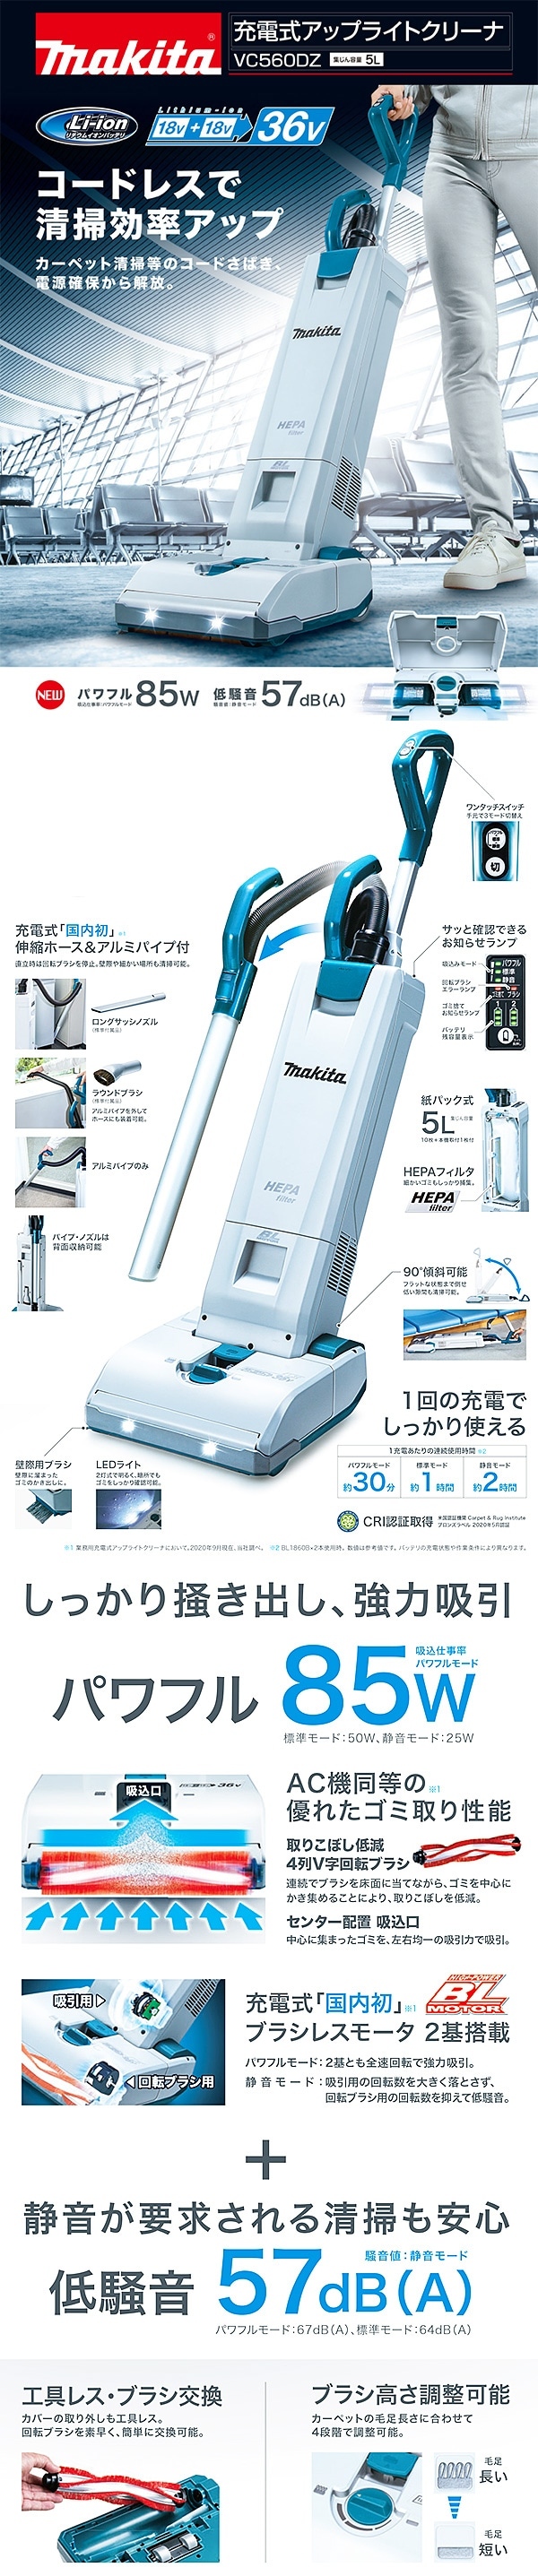 マキタ VC560DZ 資料1